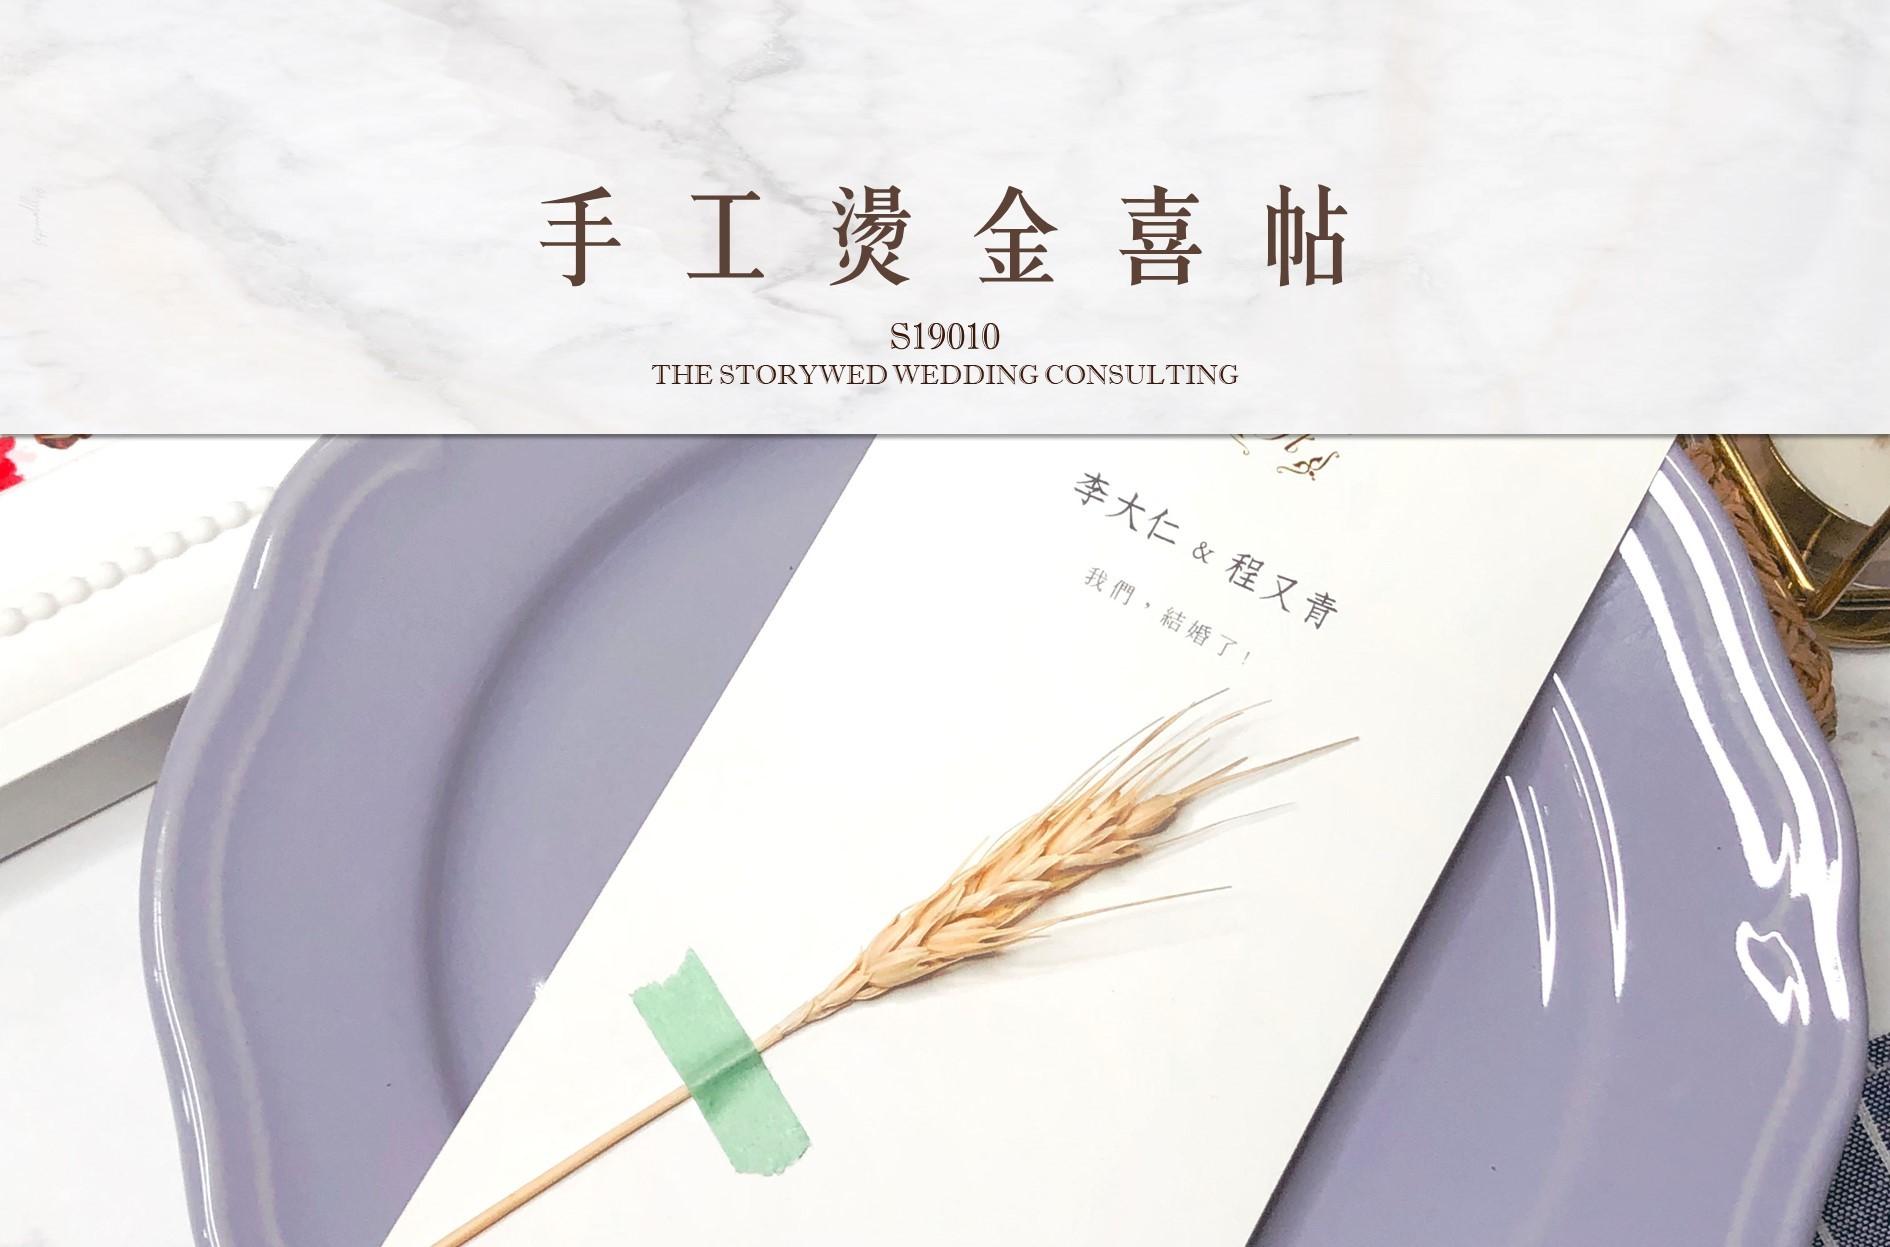 〖婚卡喜帖〗手工燙金喜帖 S9010